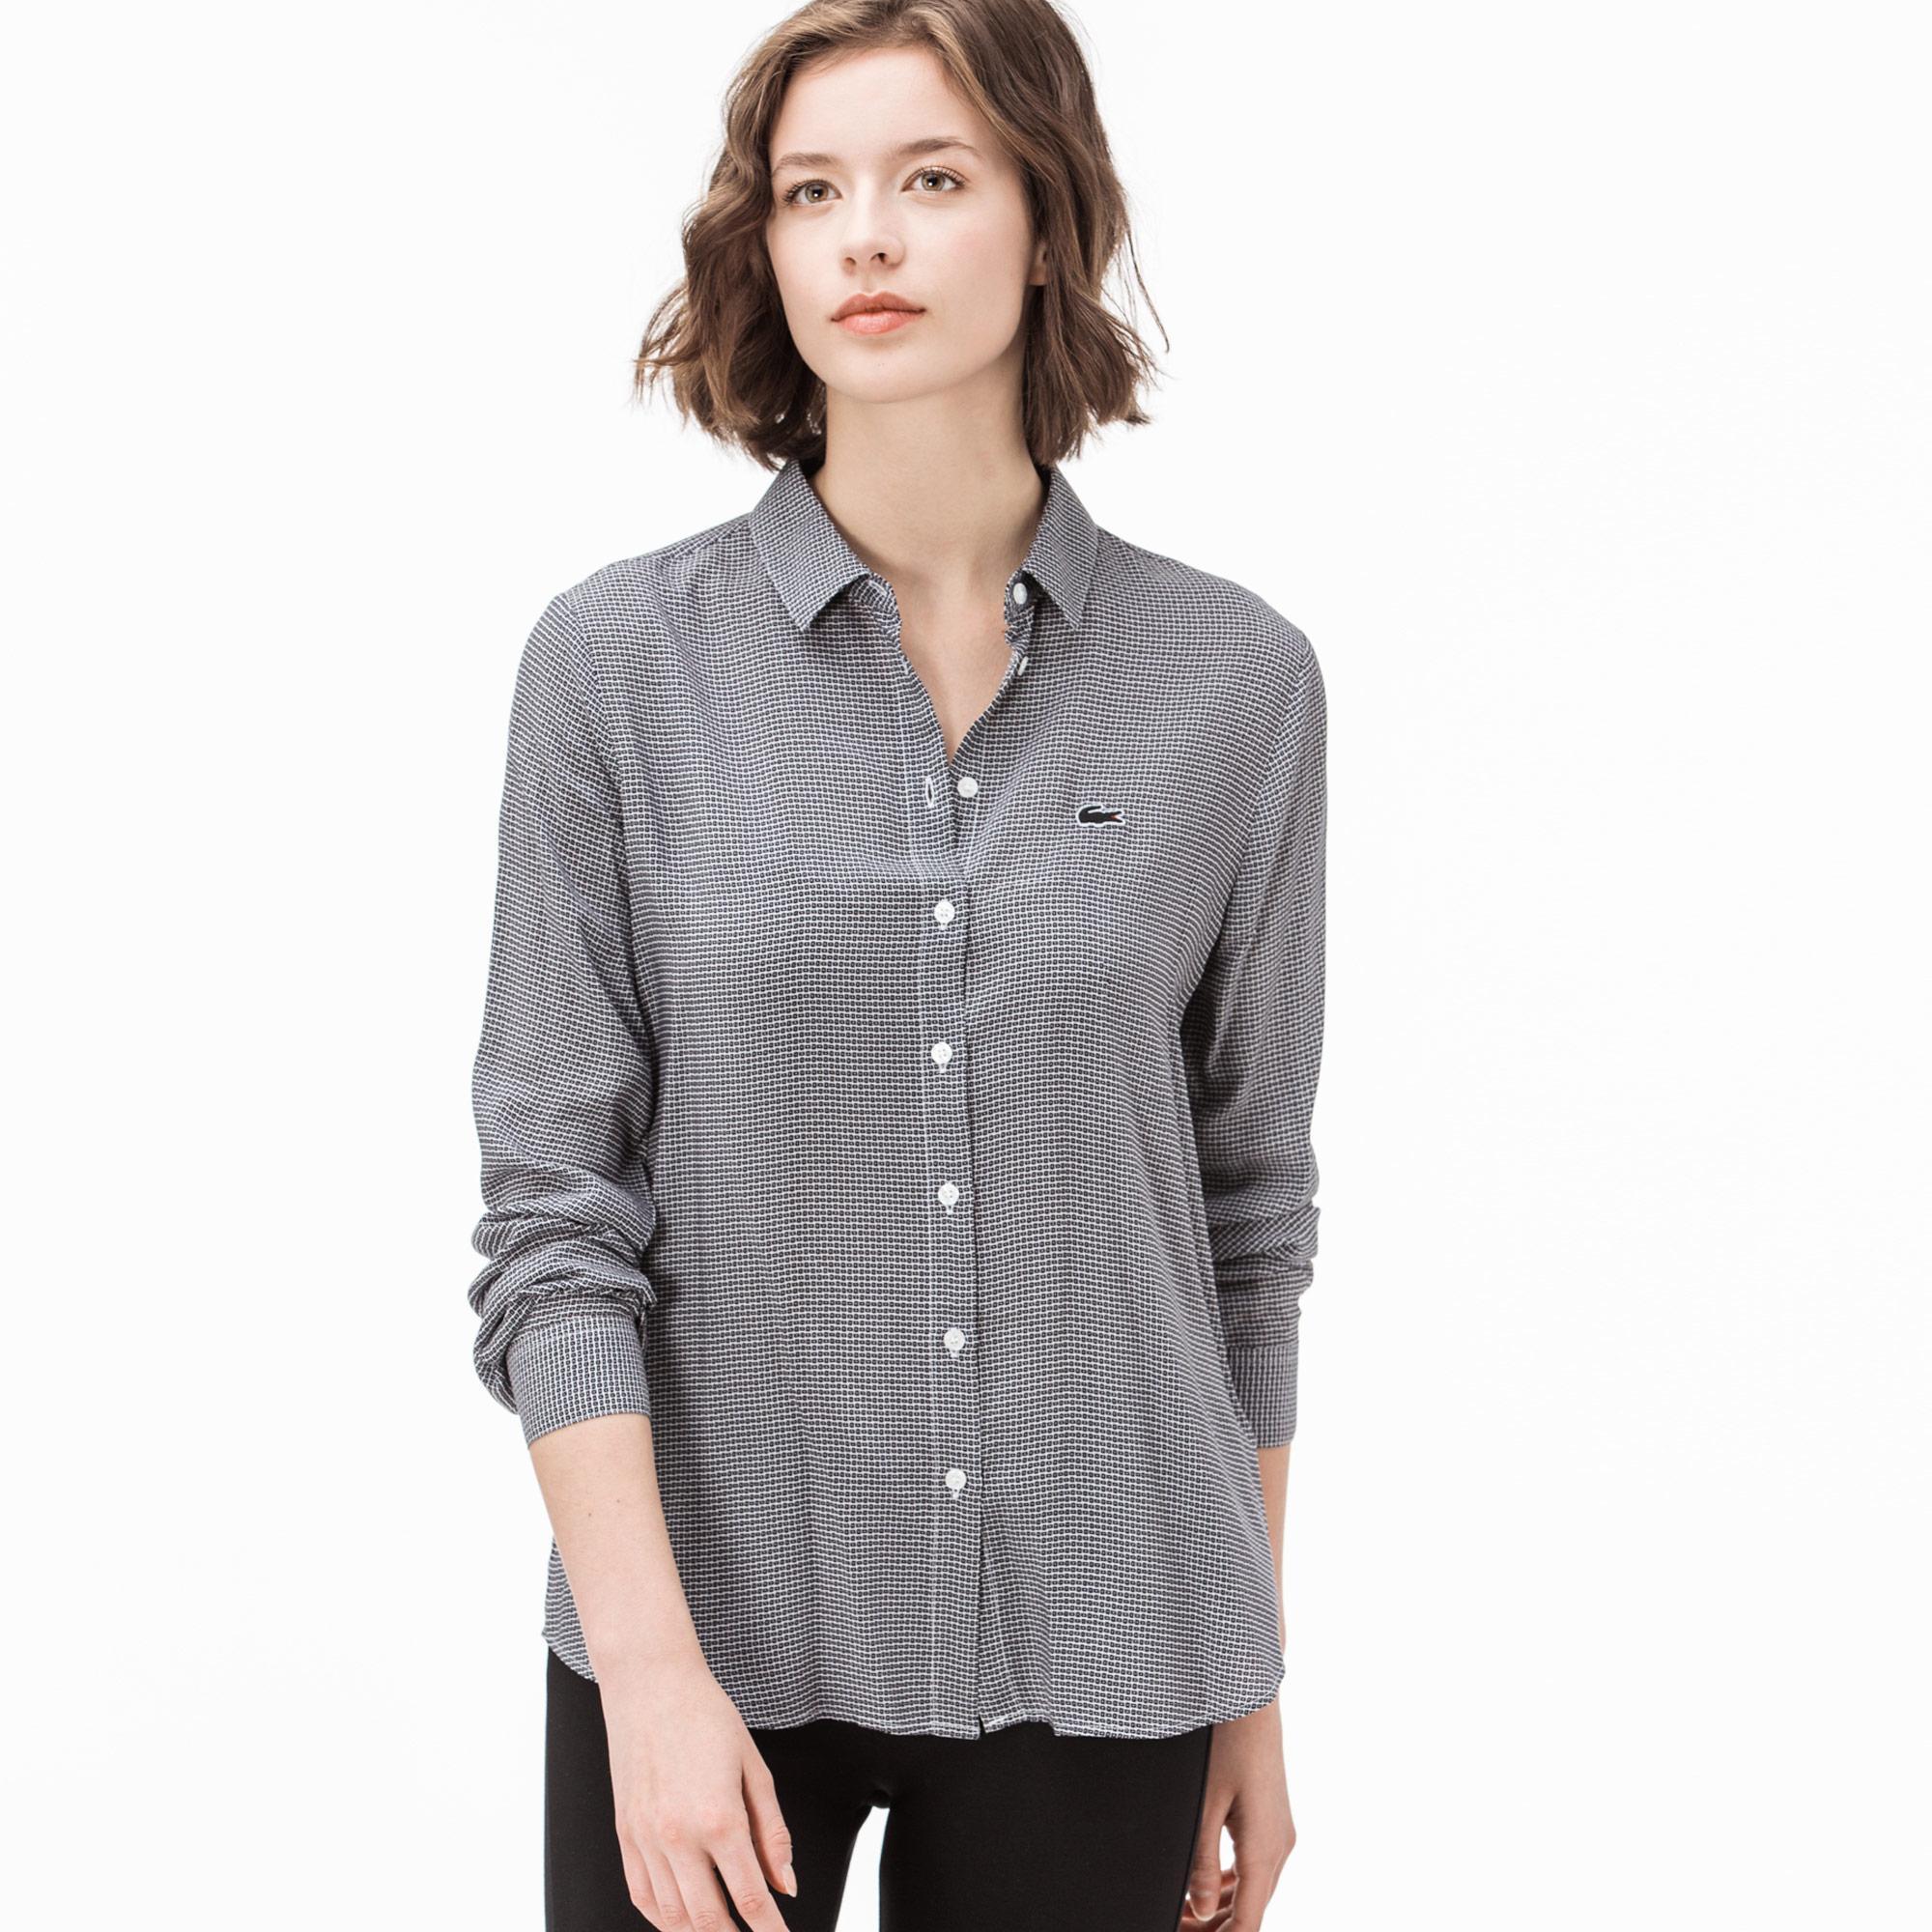 Lacoste Kadın Gri Gömlek